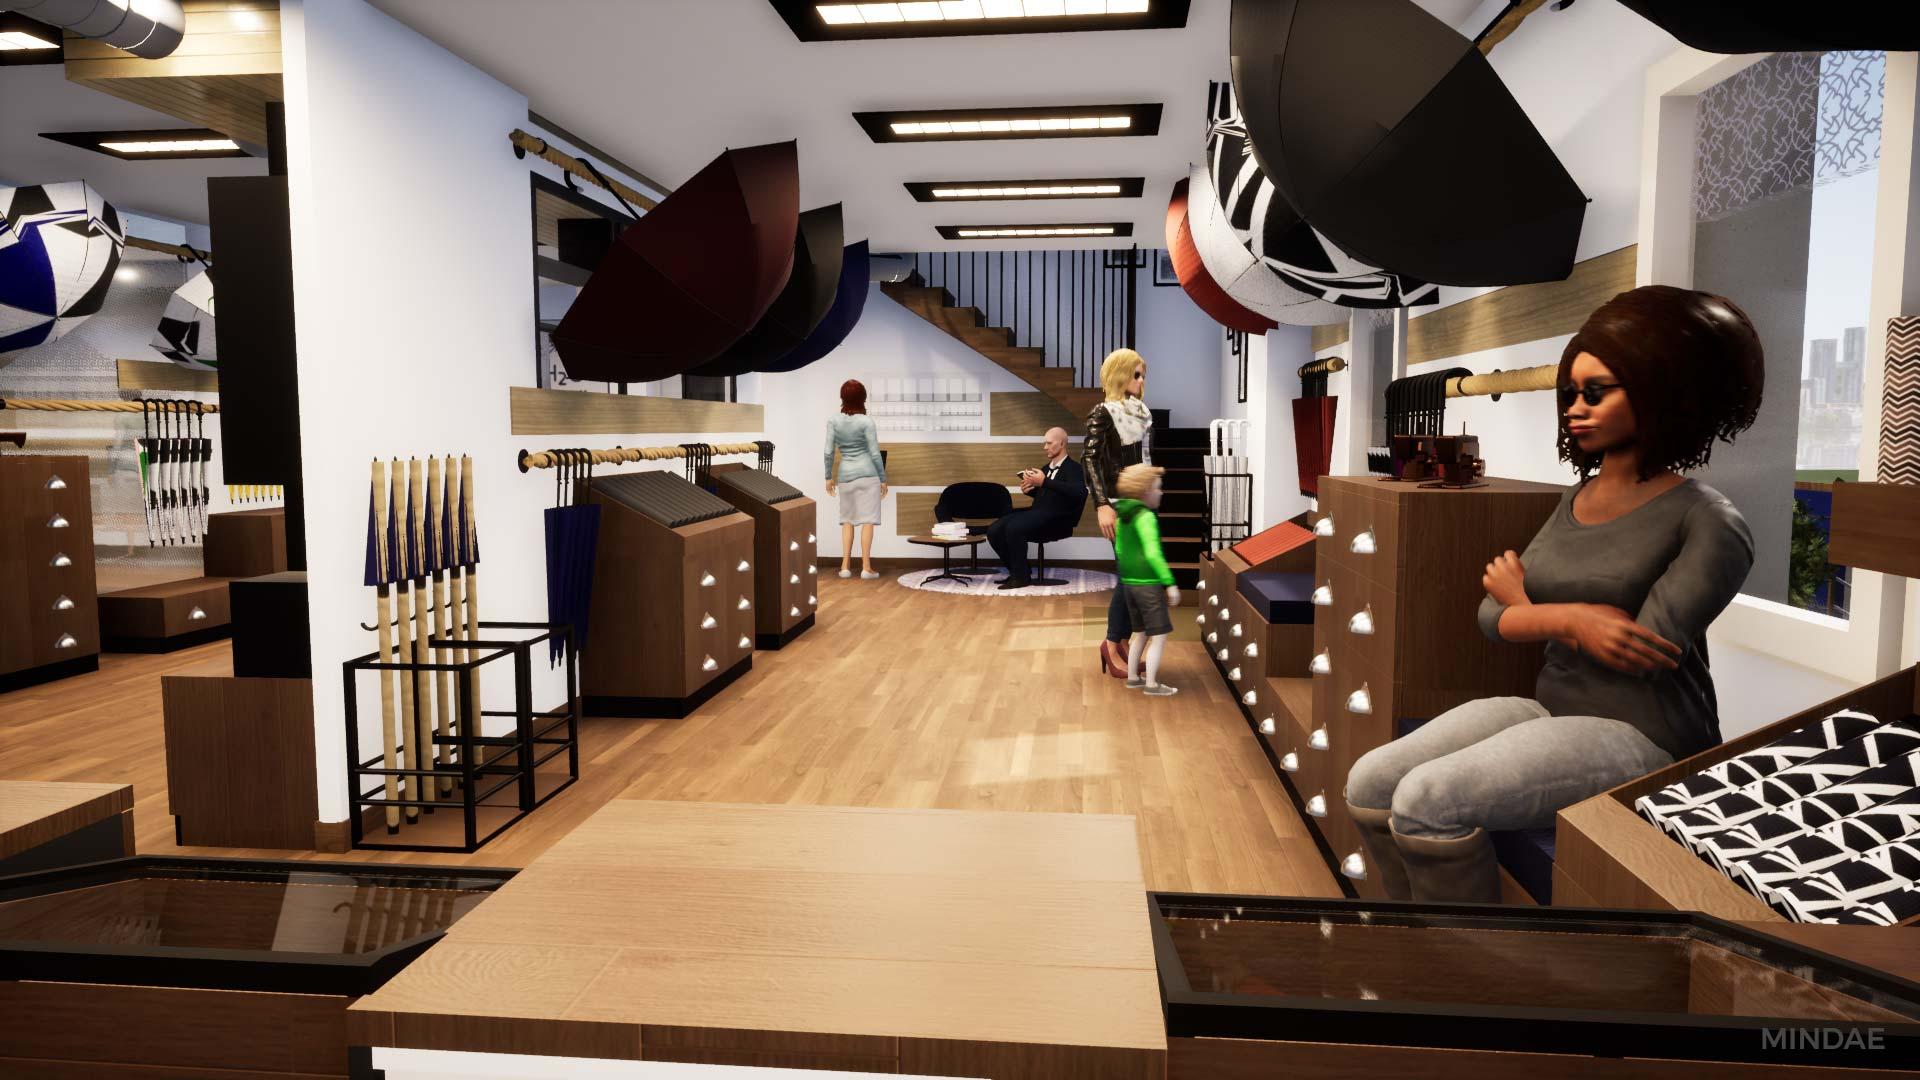 Mindae_3D_h2o_parapluies_crepon_creully_agencement_boutique_projet-(17)